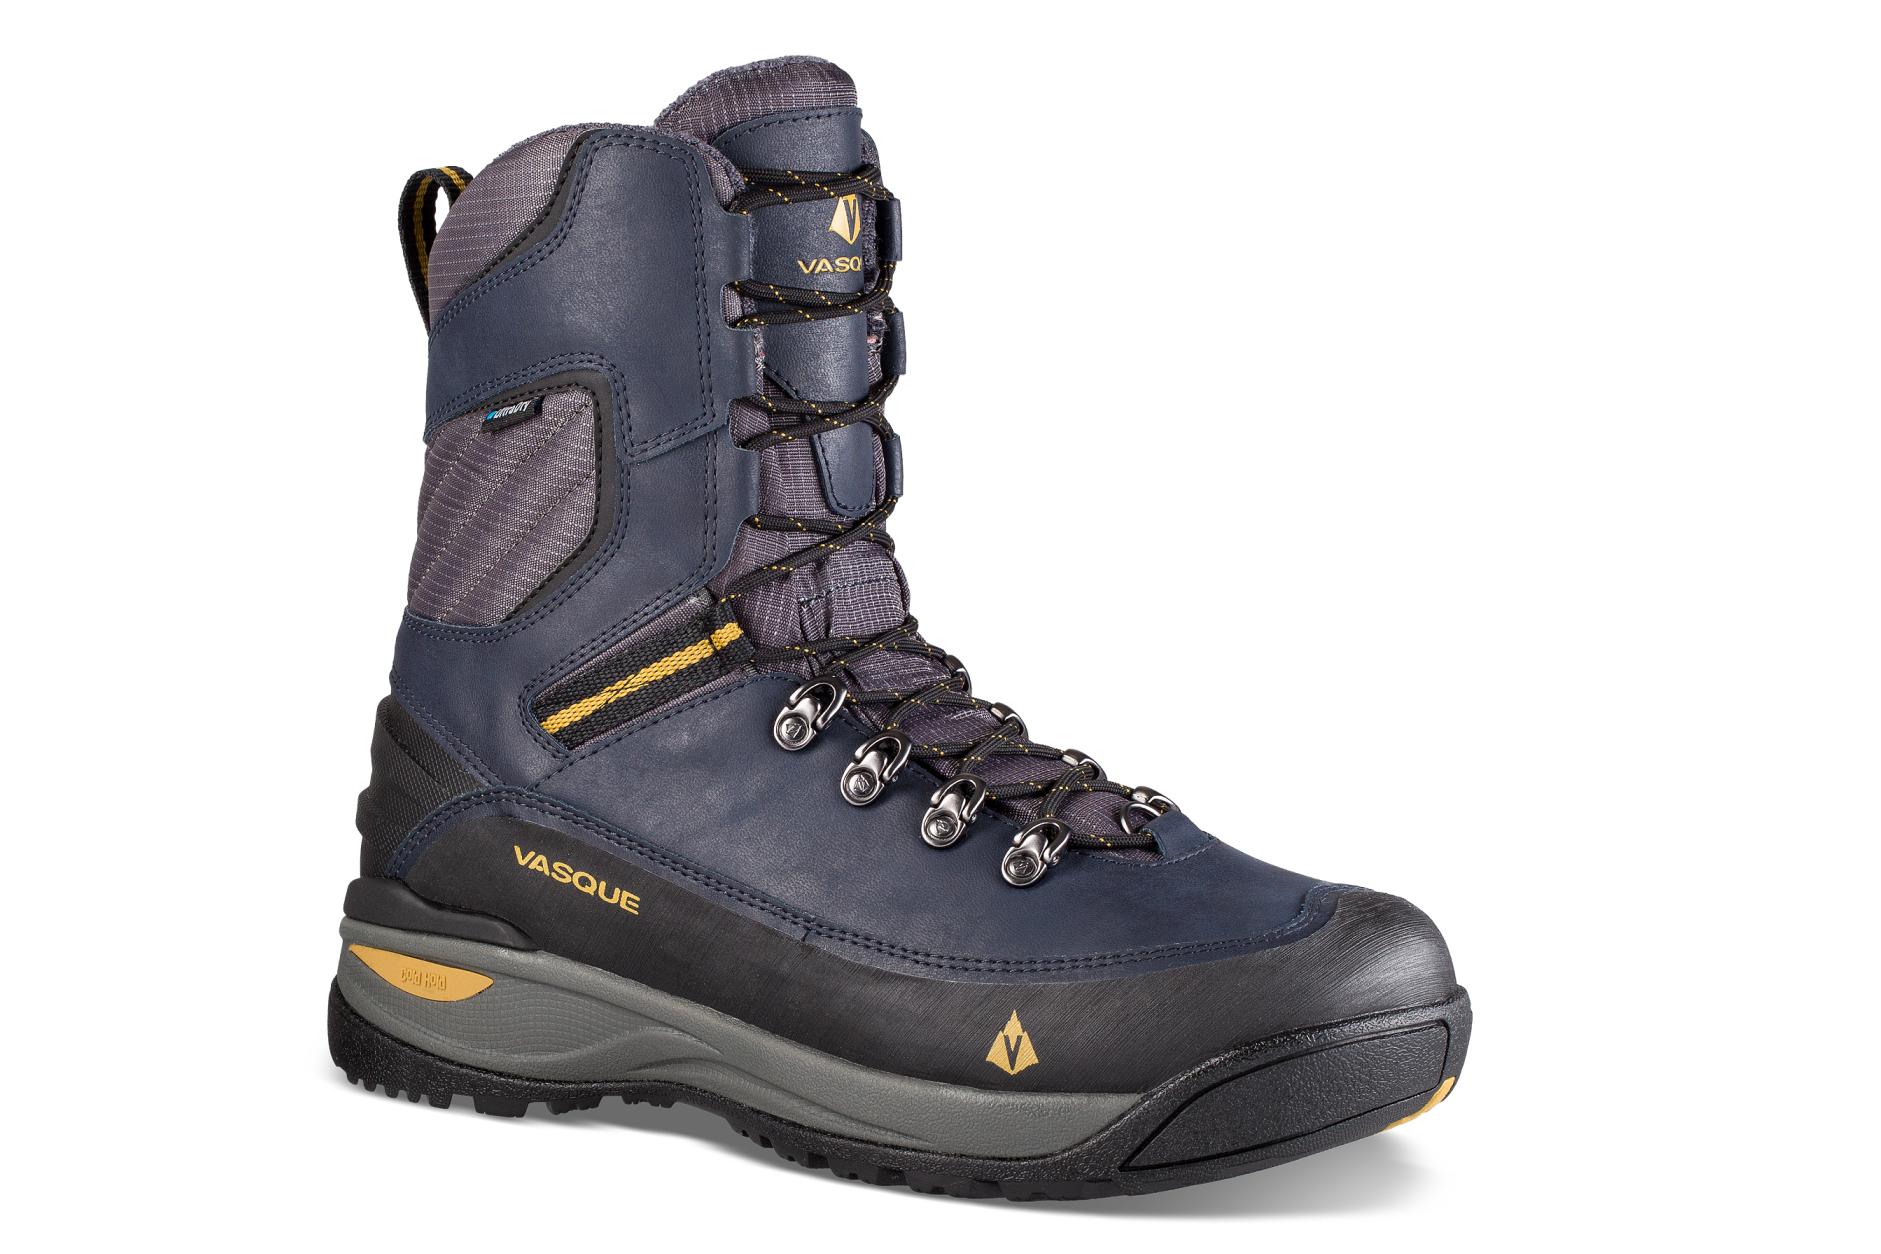 05b56a9e668ec Best Winter Boots for Men | GearJunkie